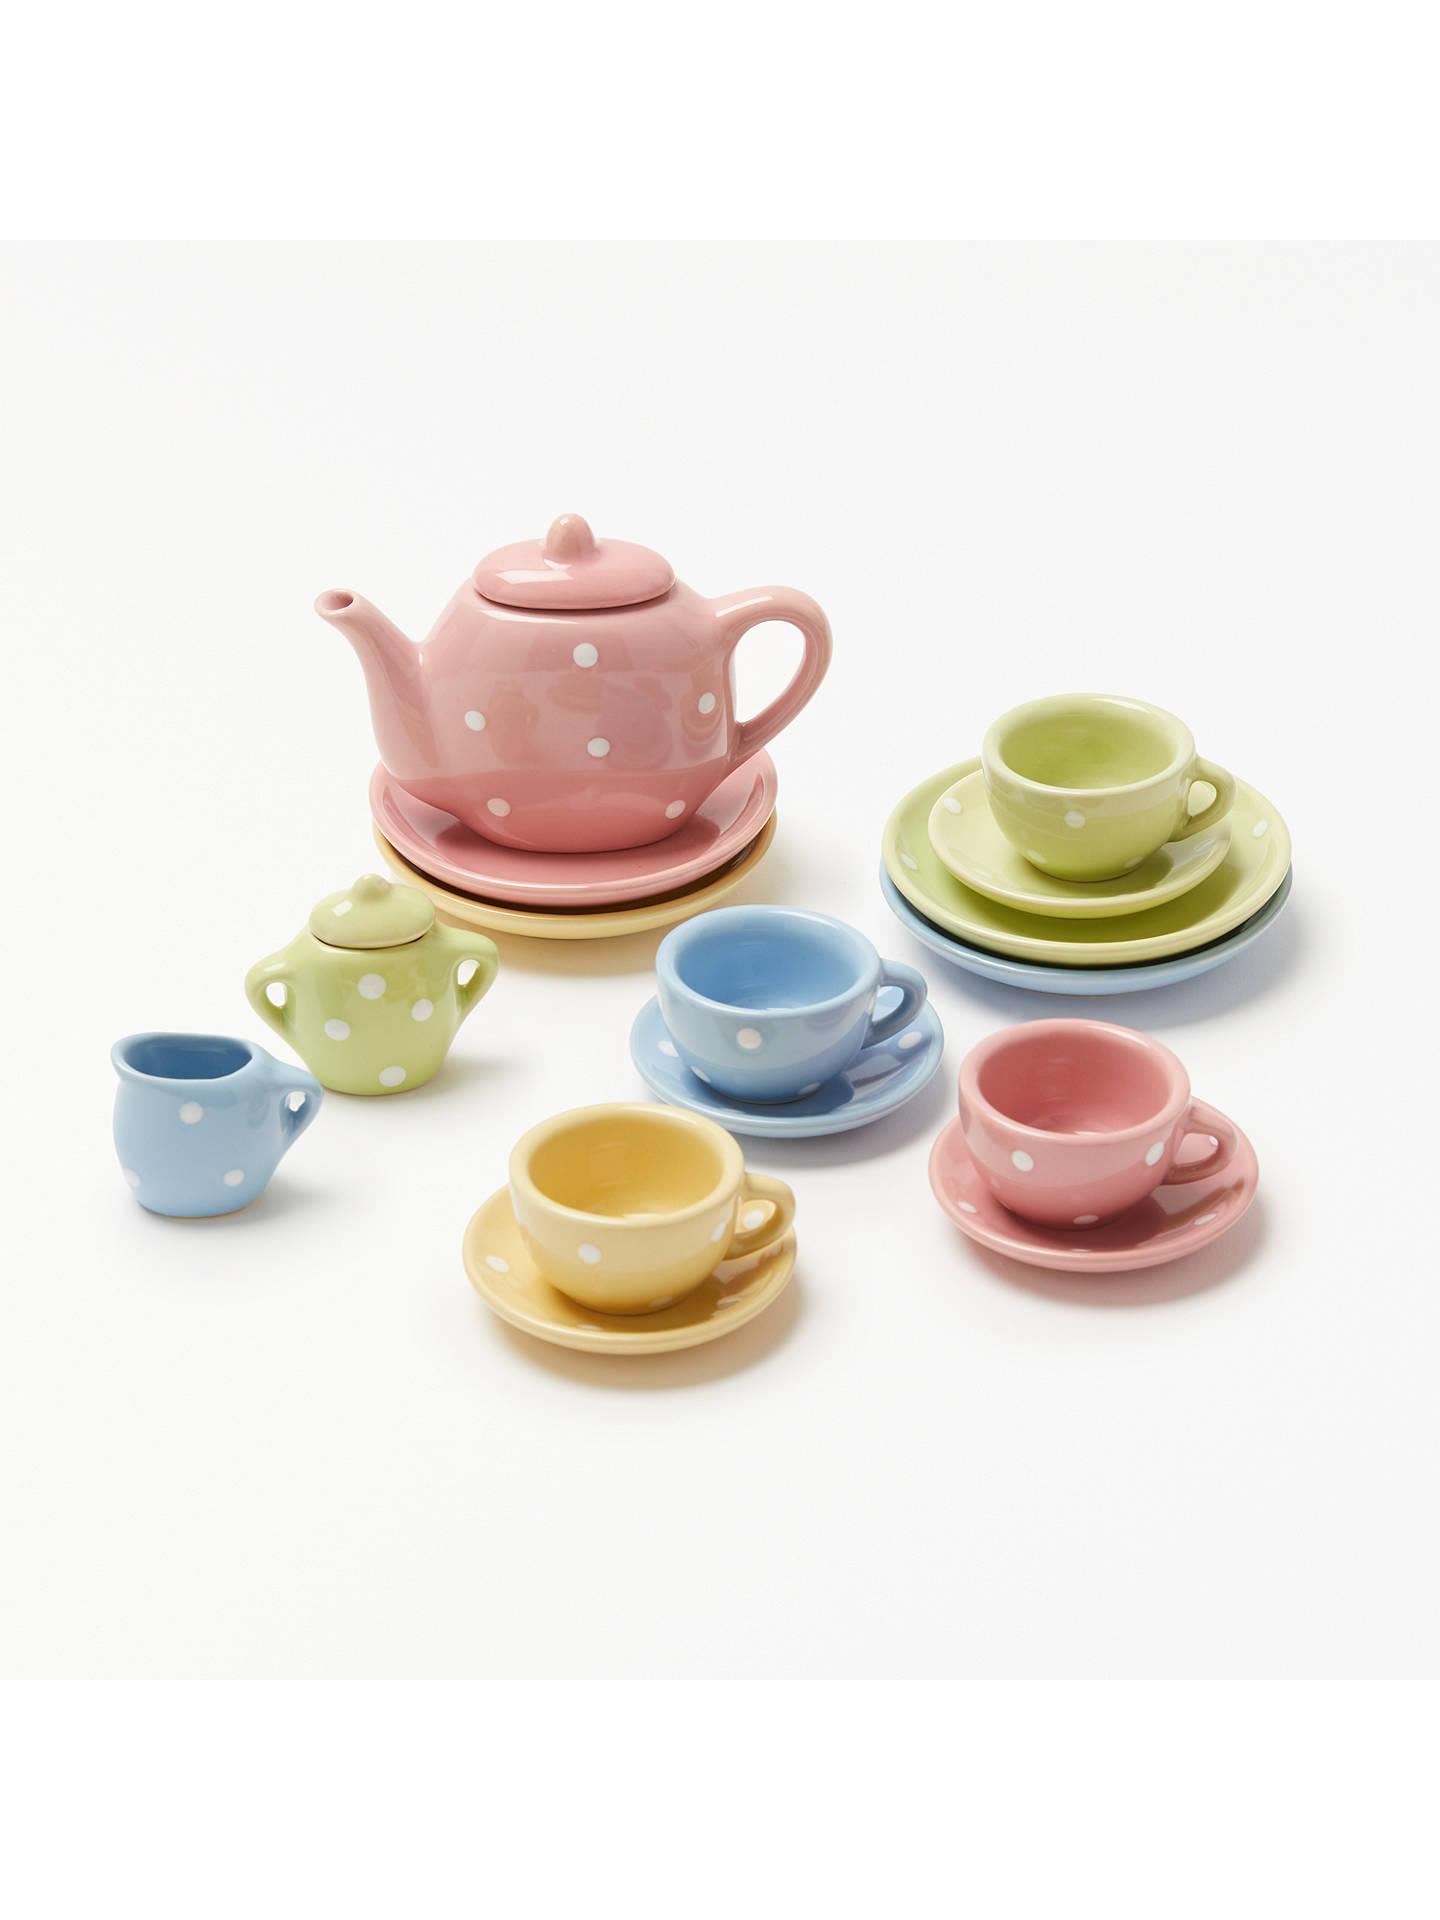 BuyJohn Lewis & Partners 17 Piece Toy Tea Set Online at johnlewis. ...